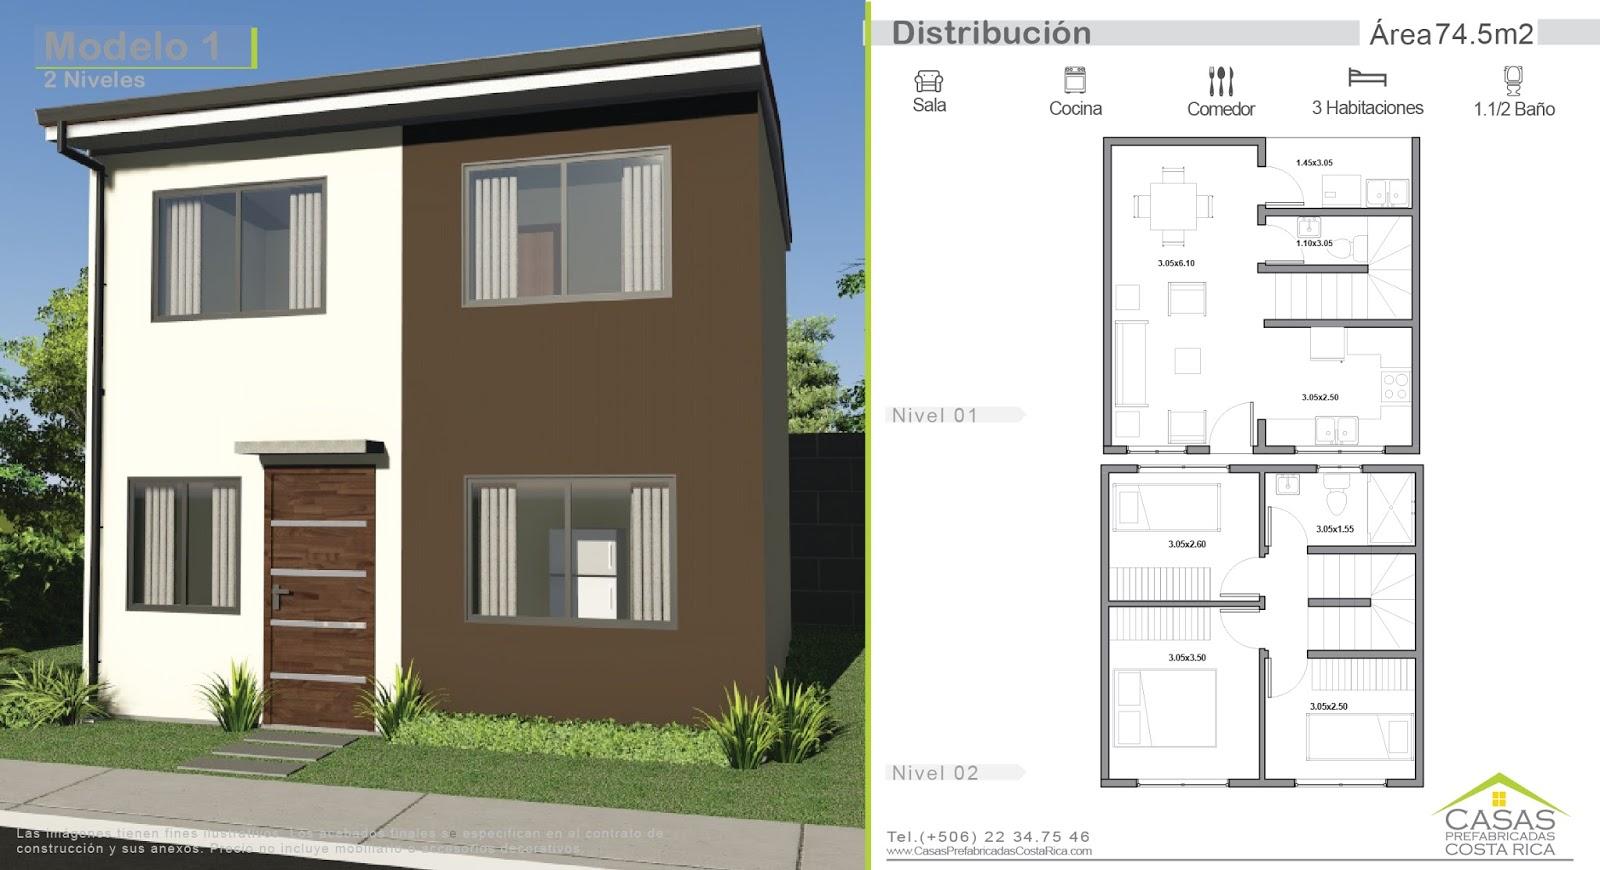 Casas prefabricadas costa rica casa modelo 1 de dos niveles - Casas sostenibles precios ...